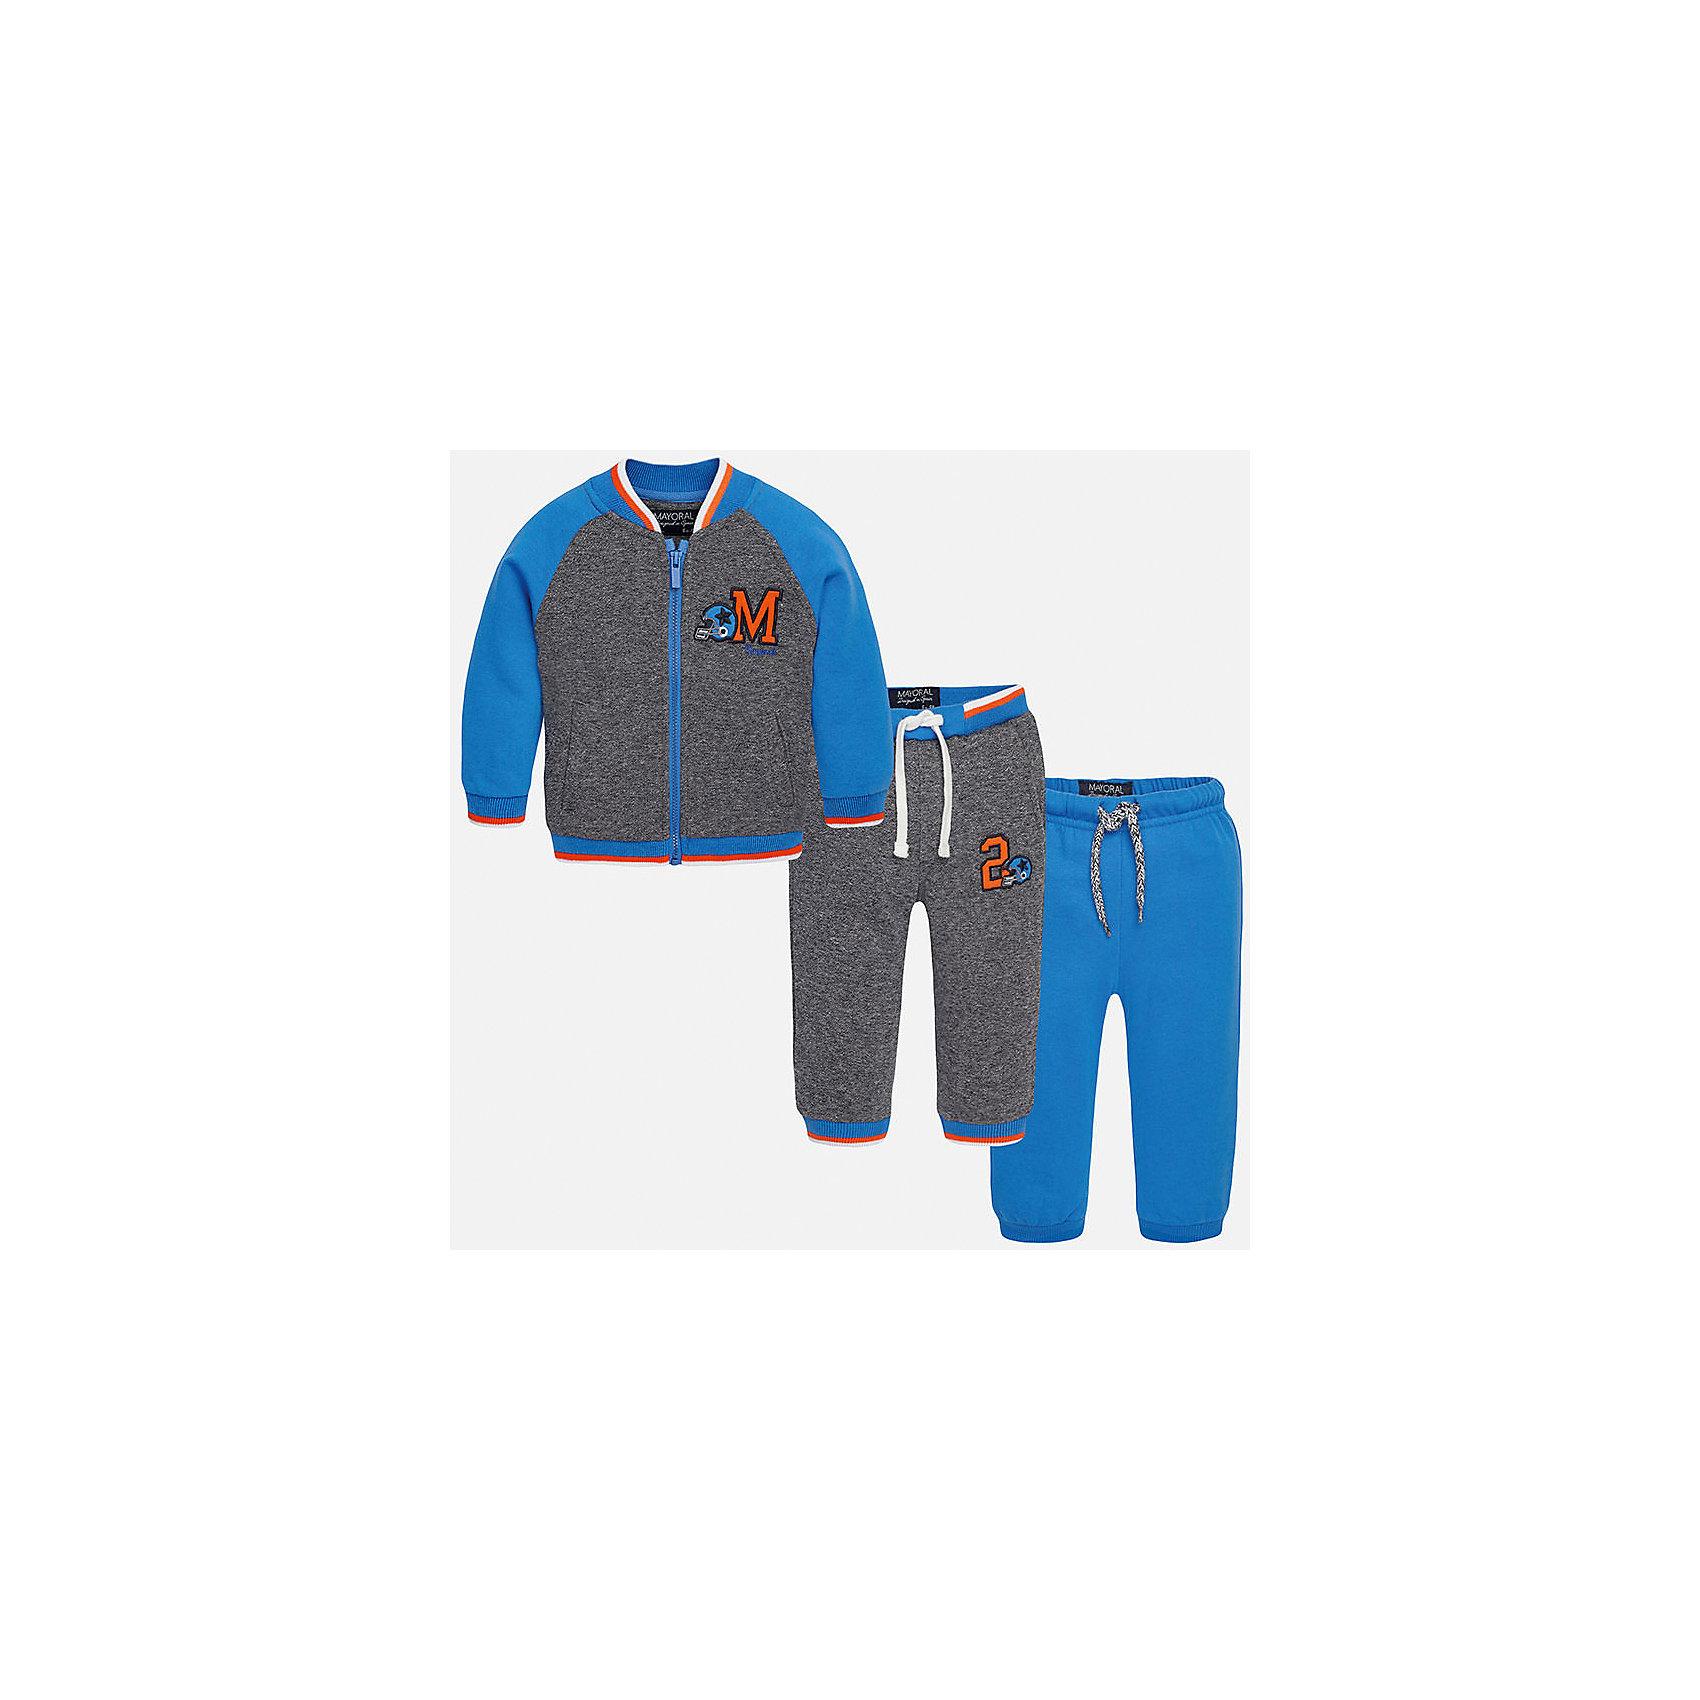 Спортивный костюм для мальчика MayoralСпортивный костюм для мальчика Mayoral (Майорал)<br>Теплый спортивный костюм для мальчика Mayoral от известной испанской марки Mayoral (Майорал) - прекрасный вариант для активного отдыха или повседневной носки. Изготовлен из натурального высококачественного хлопкового трикотажа с добавлением синтетического волокна. Мягкая ткань, не вытягивается, не сковывает движения. Толстовка имеет два боковых кармана,  низ и манжеты на резинке, застегивается на молнию, декорирована контрастной отделкой внизу, на горловине, манжетах и яркой аппликацией с вышивкой. Брюки скроены с учётом всех важных особенностей строения детской фигуры. Внизу брюк предусмотрены манжеты. Надежную фиксацию обеспечивает шнурок-завязка на поясе, пропущенная через внутренний шов.<br><br>Дополнительная информация:<br><br>- Комплектация: толстовка, спортивные брюки 2 шт.<br>- Цвет: голубой, серый<br>- Состав: 60% хлопок, 40% полиэстер<br>- Уход за вещами: бережная стирка при 30 градусах<br><br>Спортивный костюм для мальчика Mayoral (Майорал) можно купить в нашем интернет-магазине.<br><br>Ширина мм: 247<br>Глубина мм: 16<br>Высота мм: 140<br>Вес г: 225<br>Цвет: синий<br>Возраст от месяцев: 6<br>Возраст до месяцев: 9<br>Пол: Мужской<br>Возраст: Детский<br>Размер: 74,92,86,80<br>SKU: 4820777